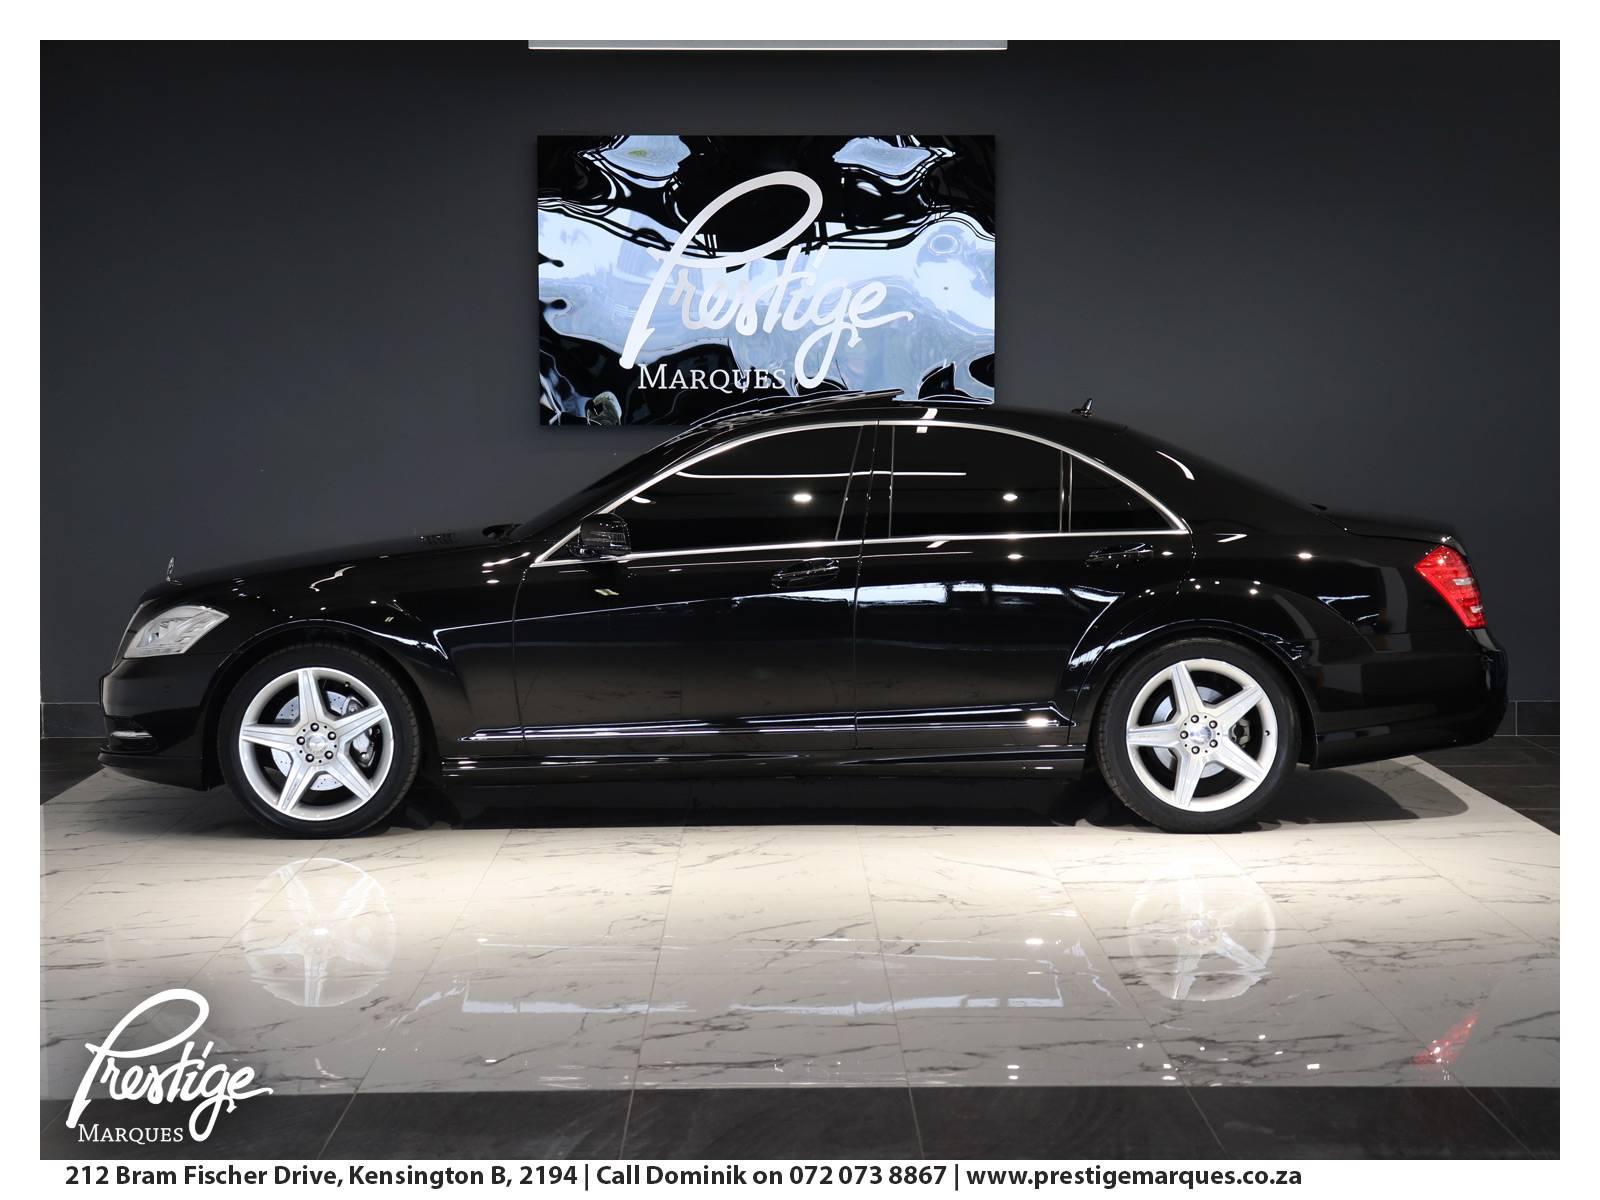 2011-Mercedes-Benz-S350-Prestige-Marques-Randburg-Sandton-5